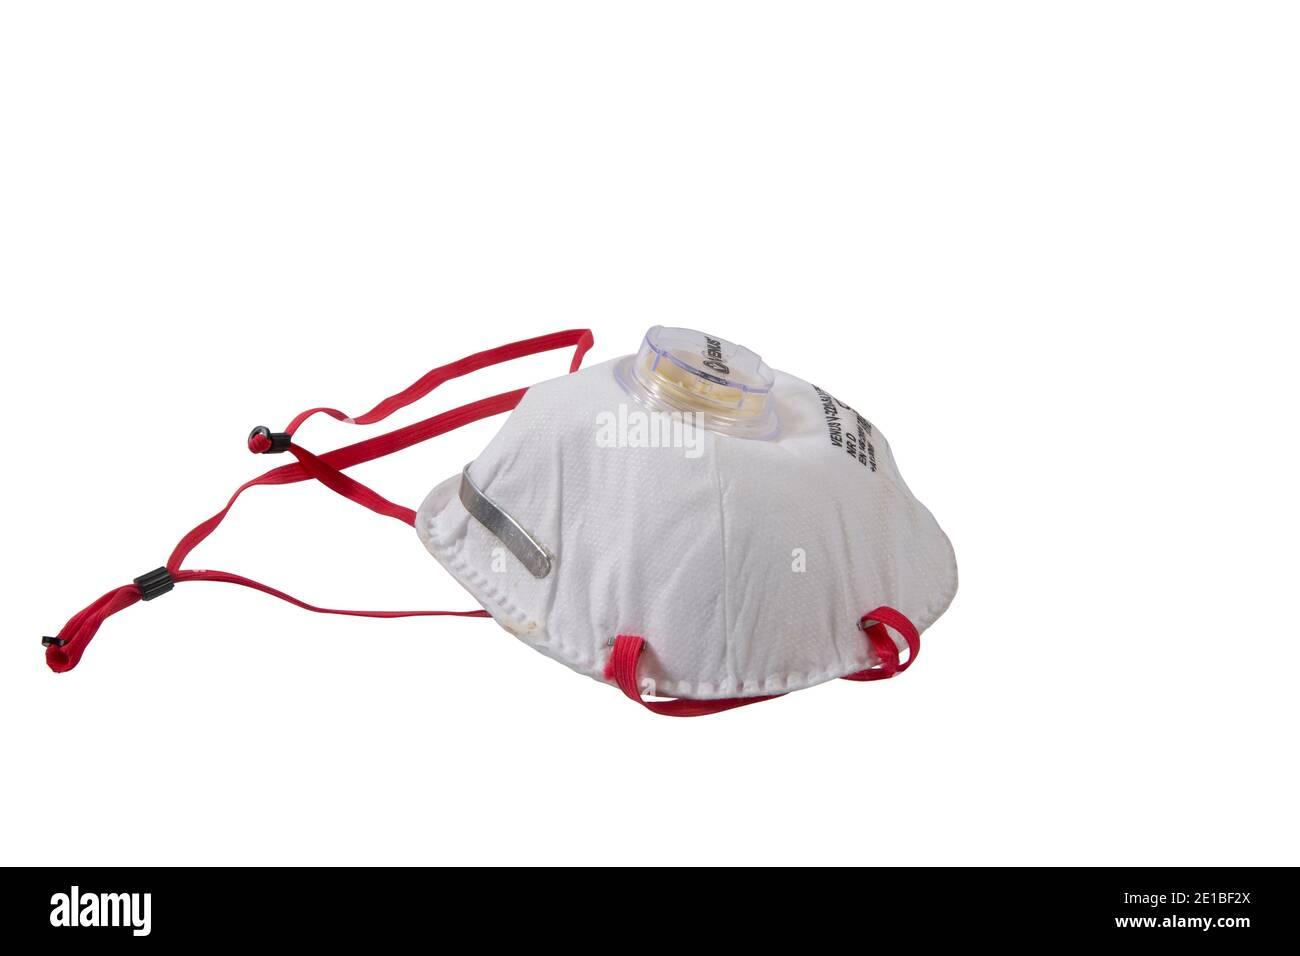 Mund-Nasen-Maske FSP-2 Schutzmaske gegen Viren wie z. B. Covid-19 Stock Photo